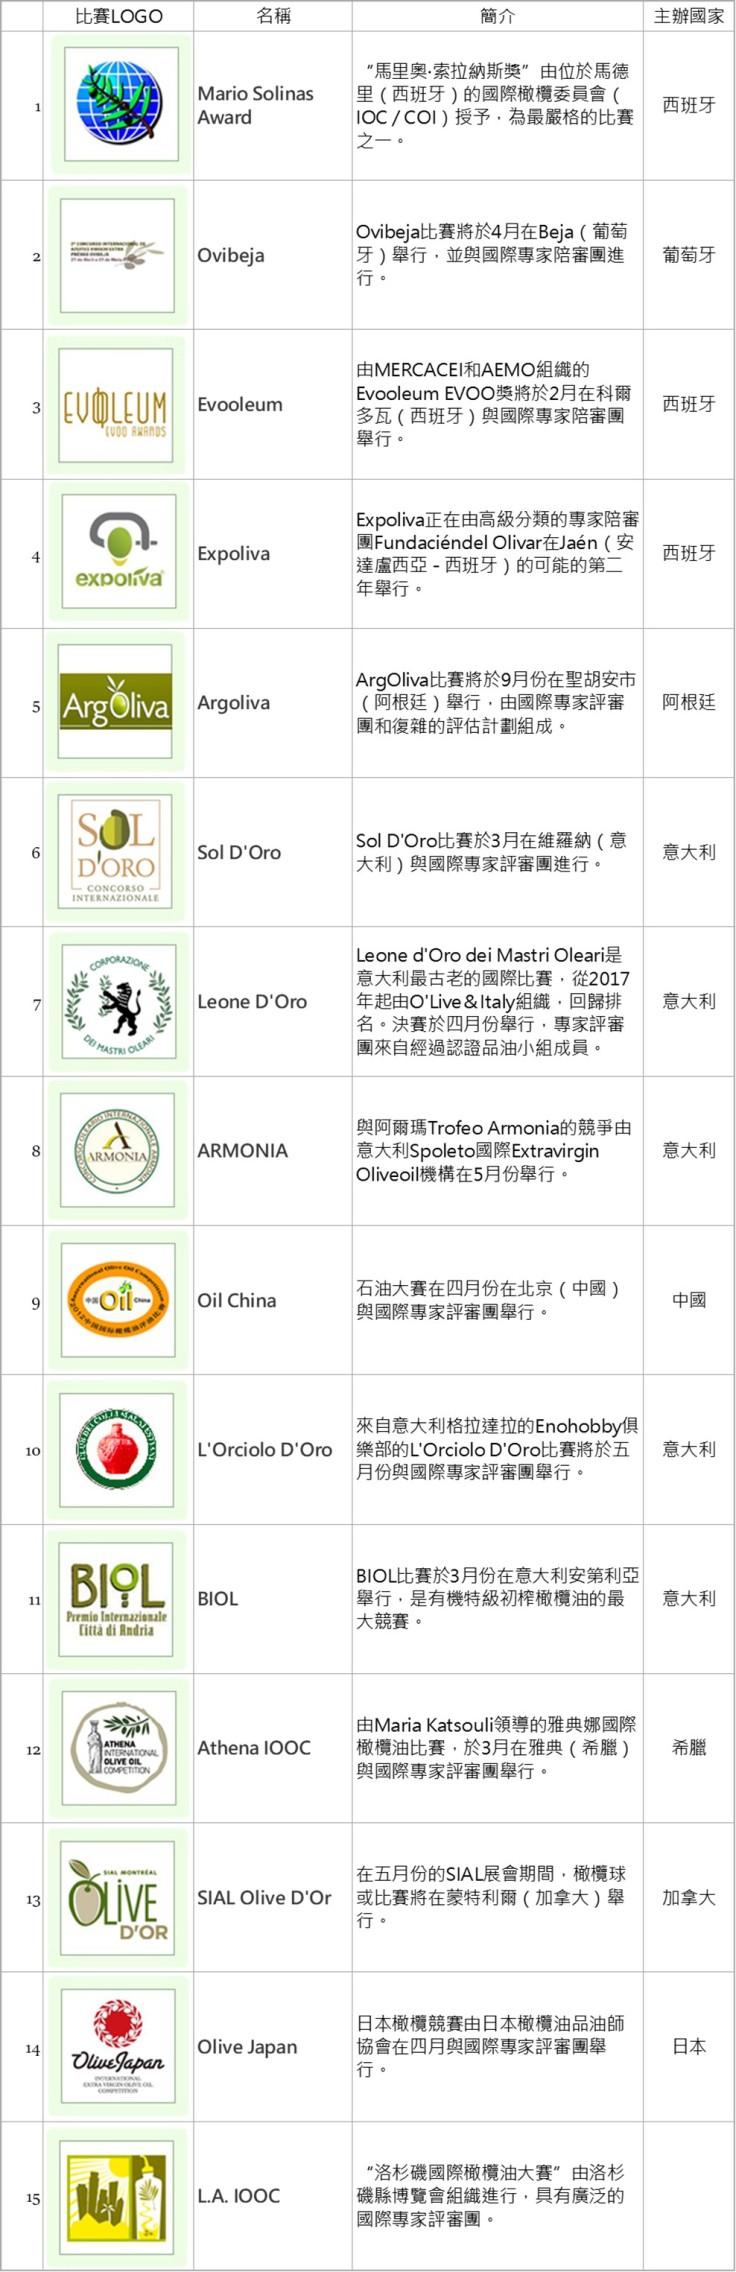 WBOO list